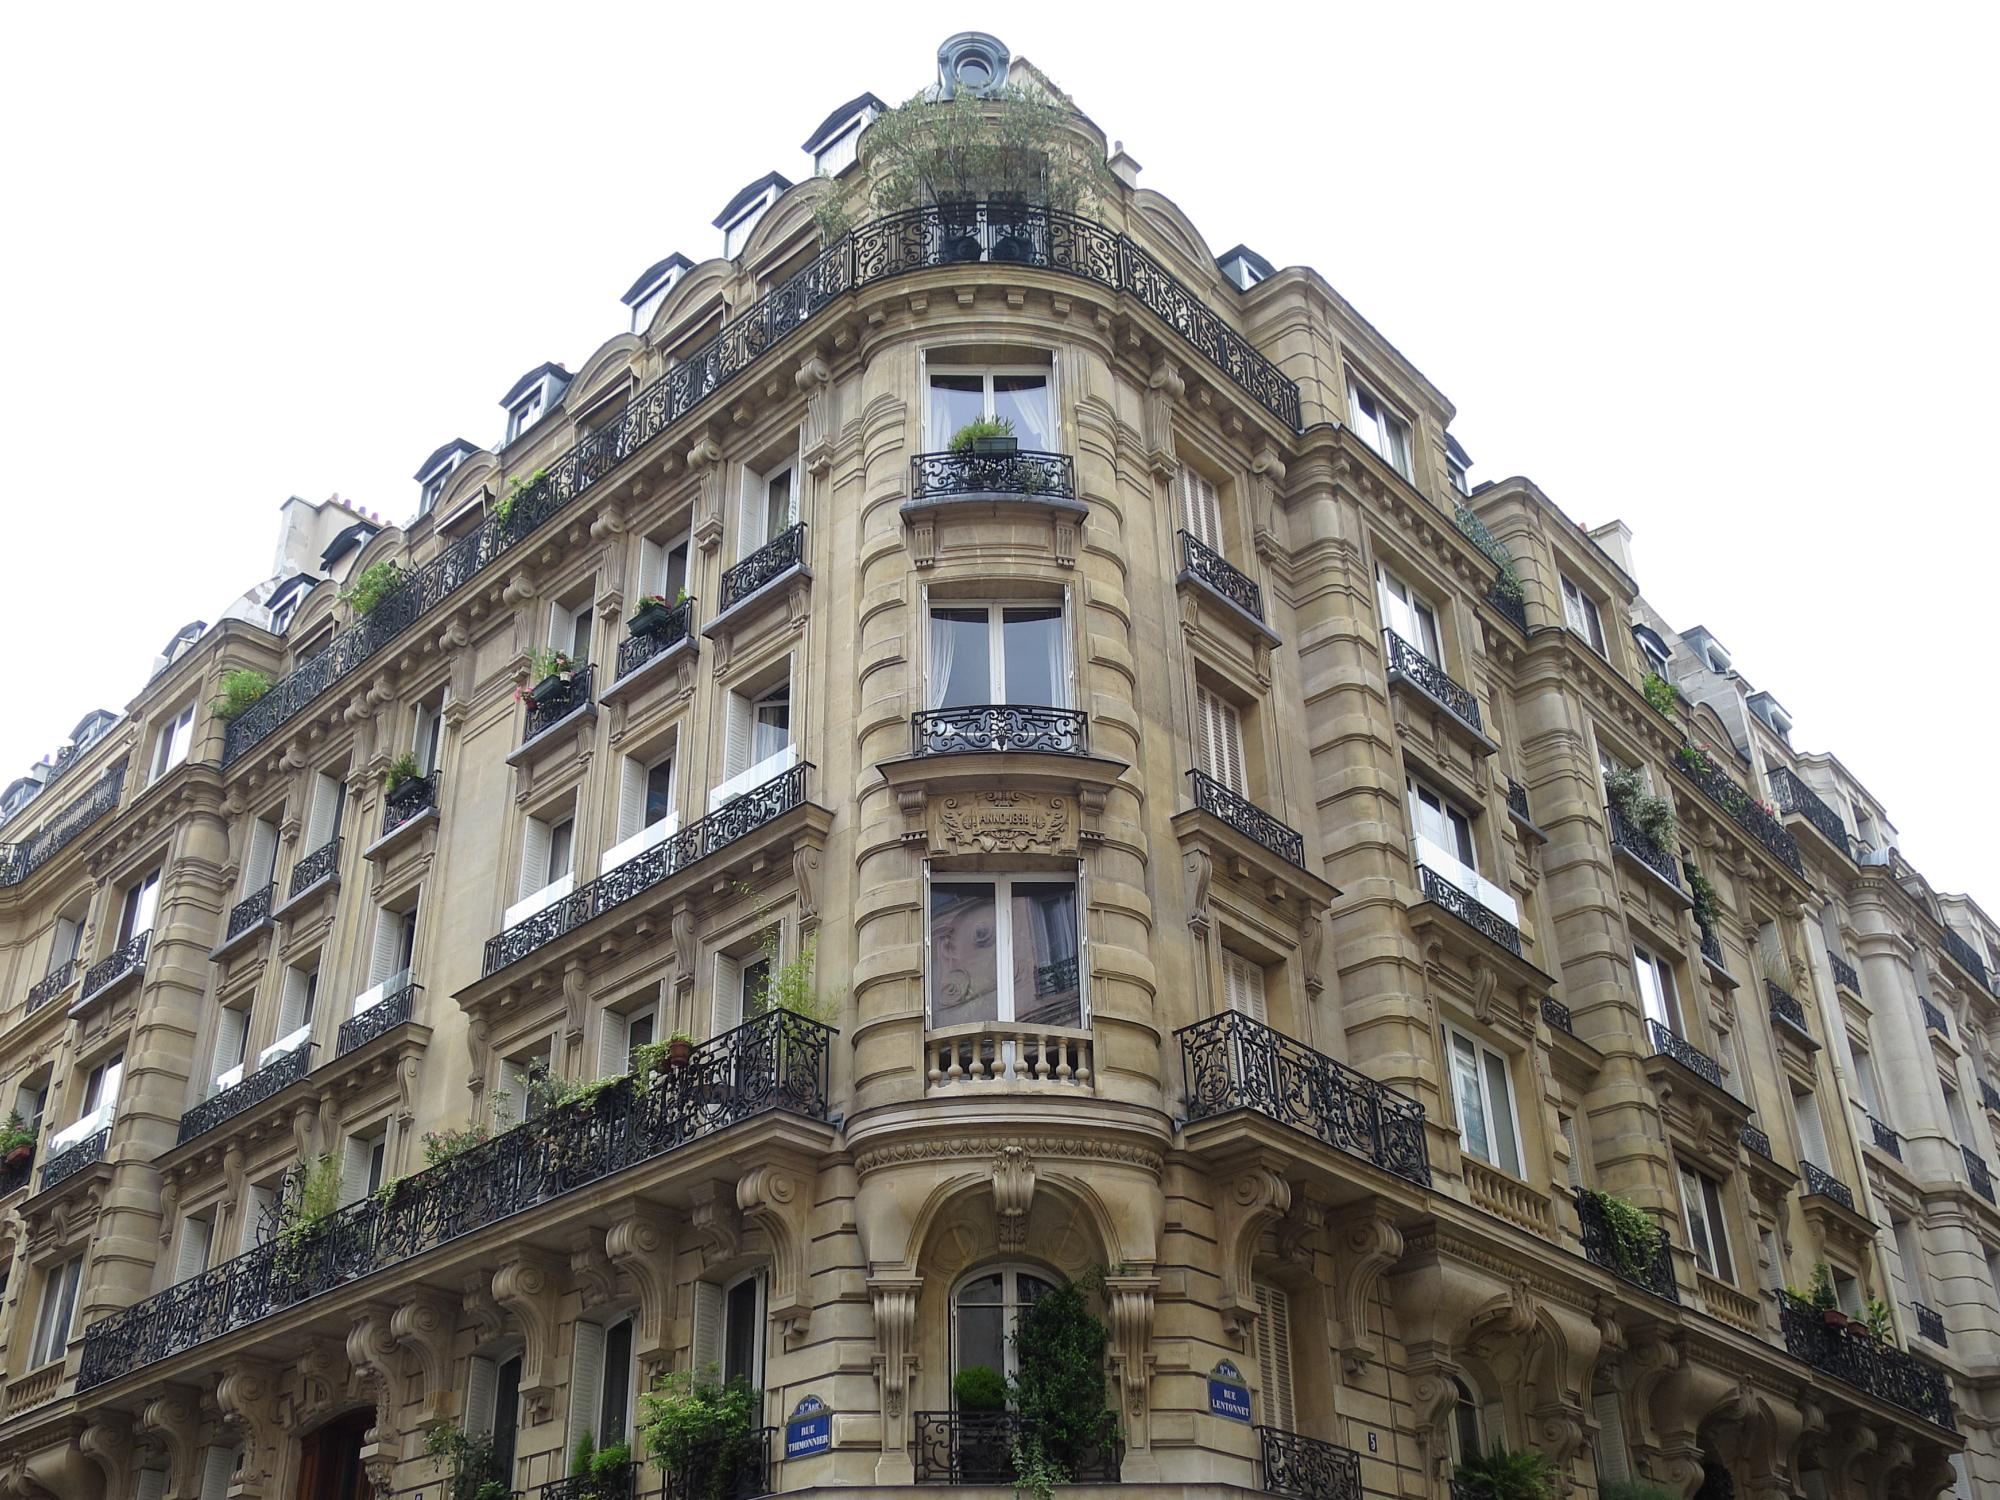 Lovely Haussmann building on rue Condorcet